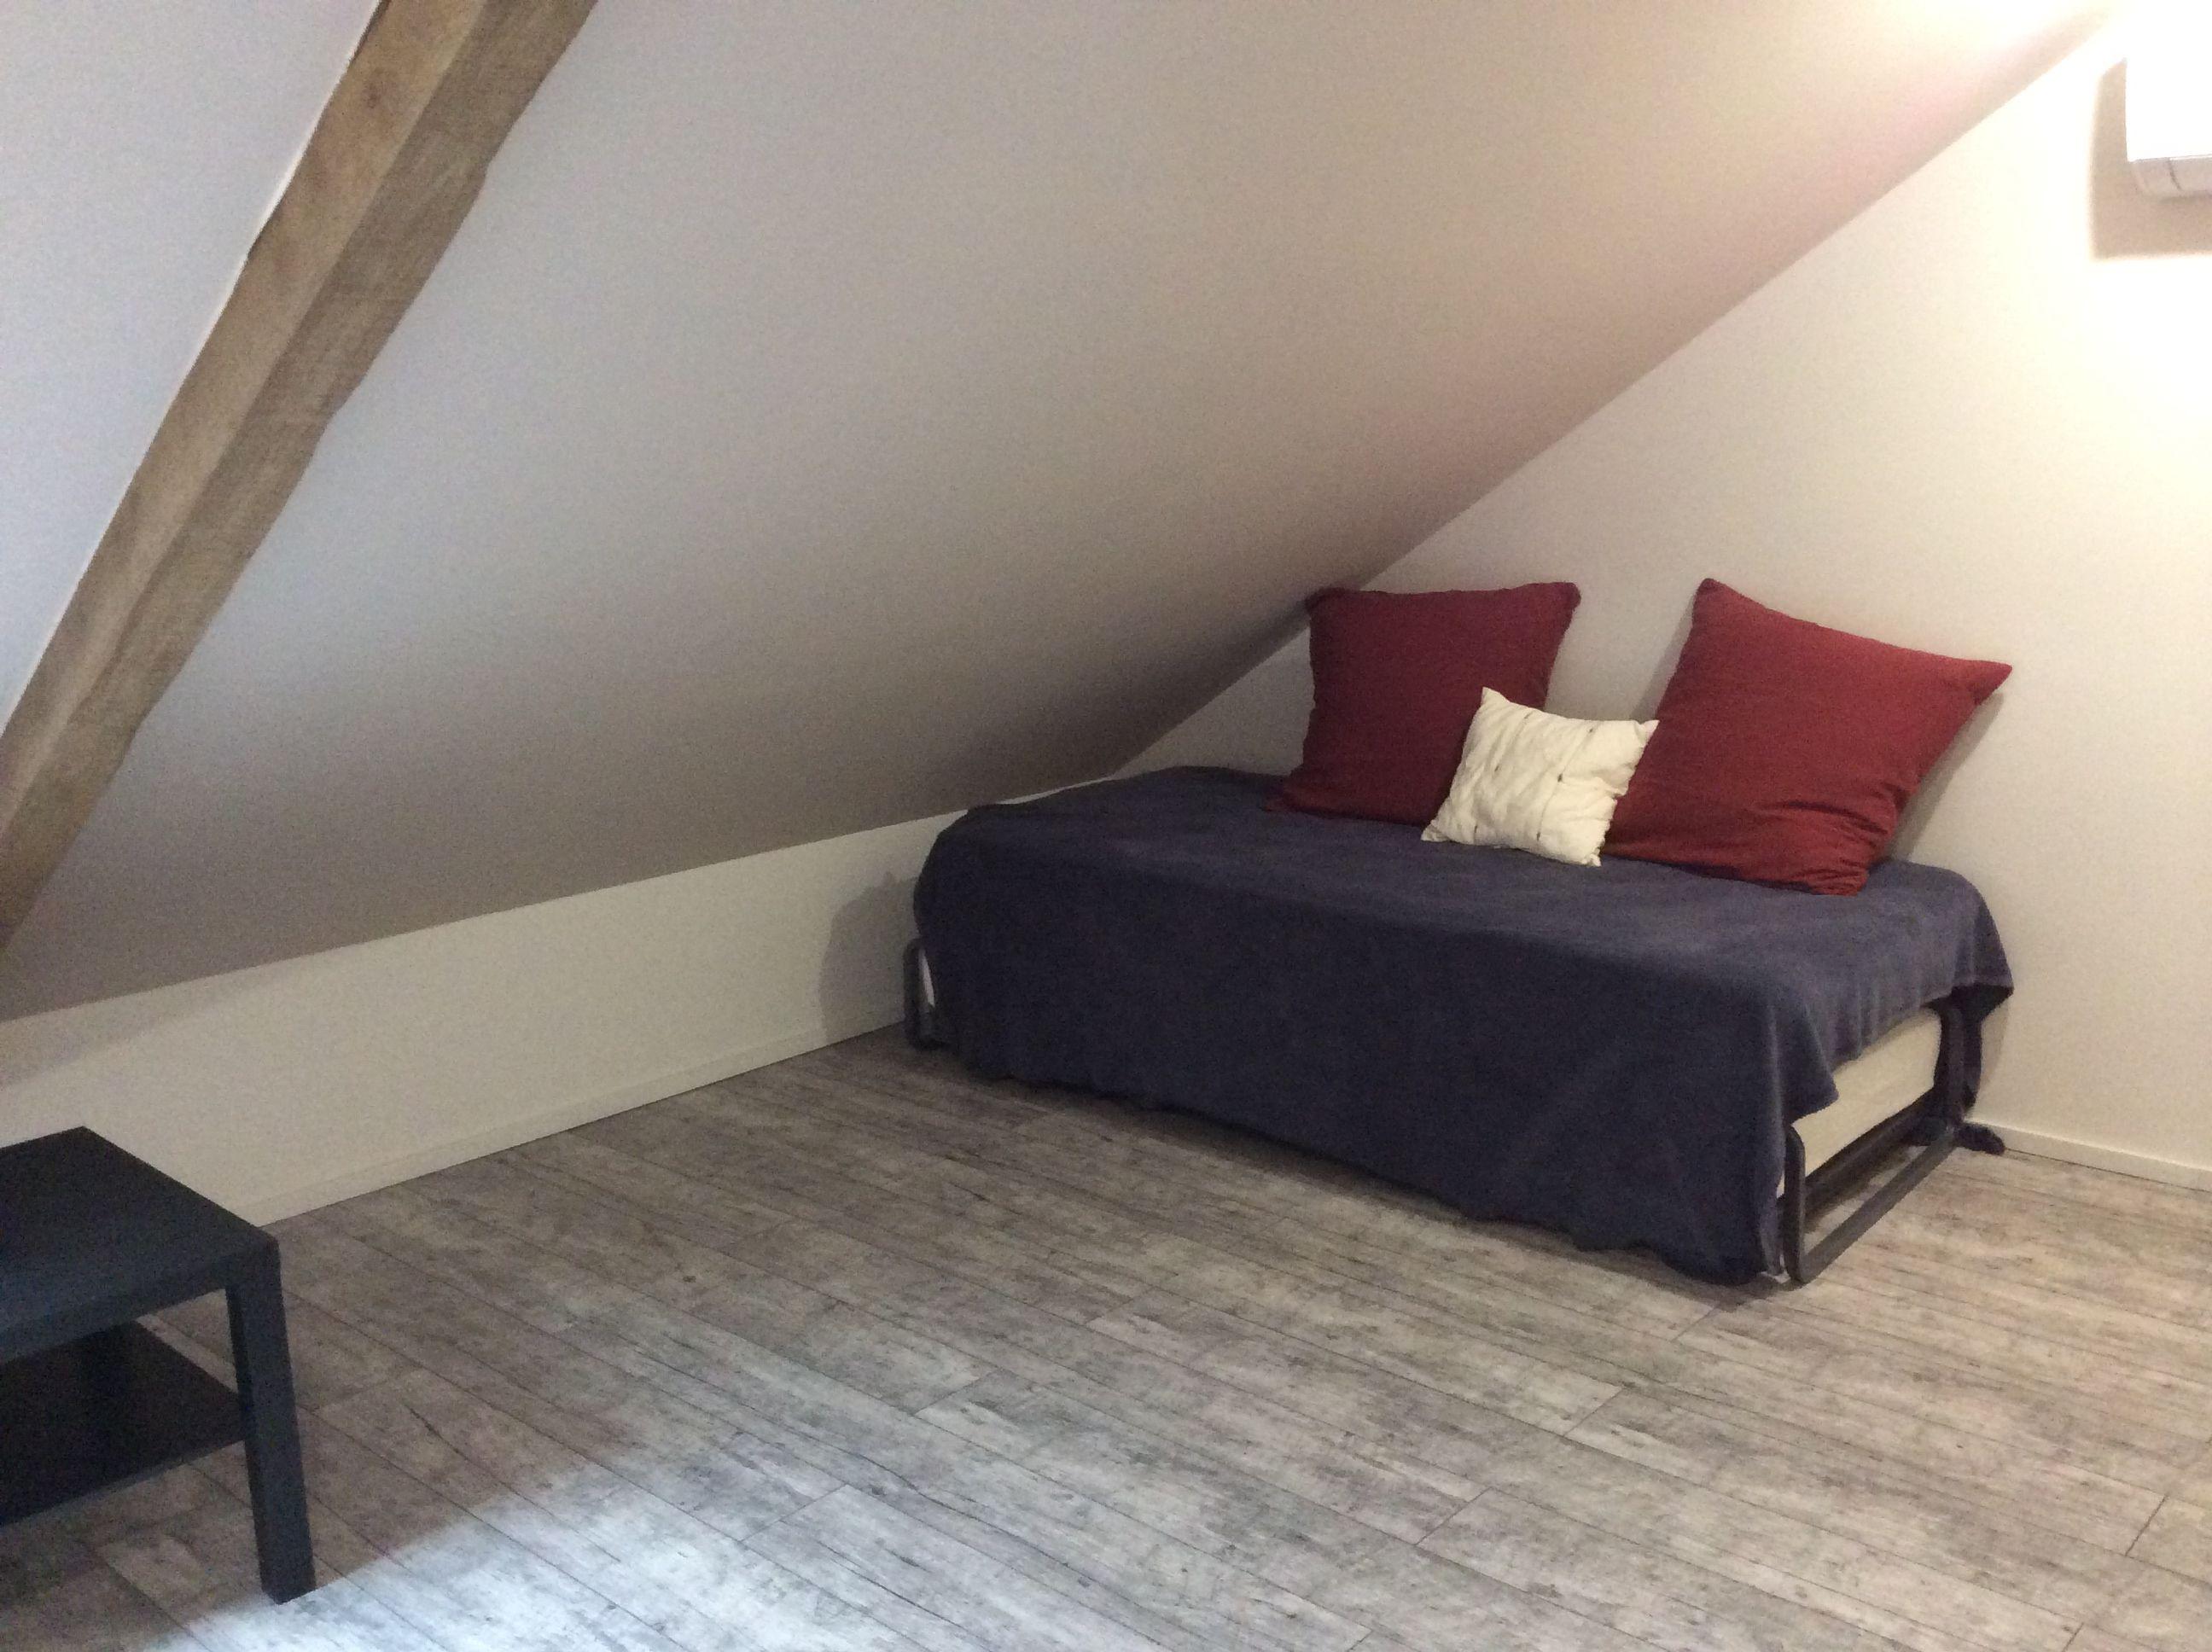 lit gigogne dans la chambre 2 à 4 personnes